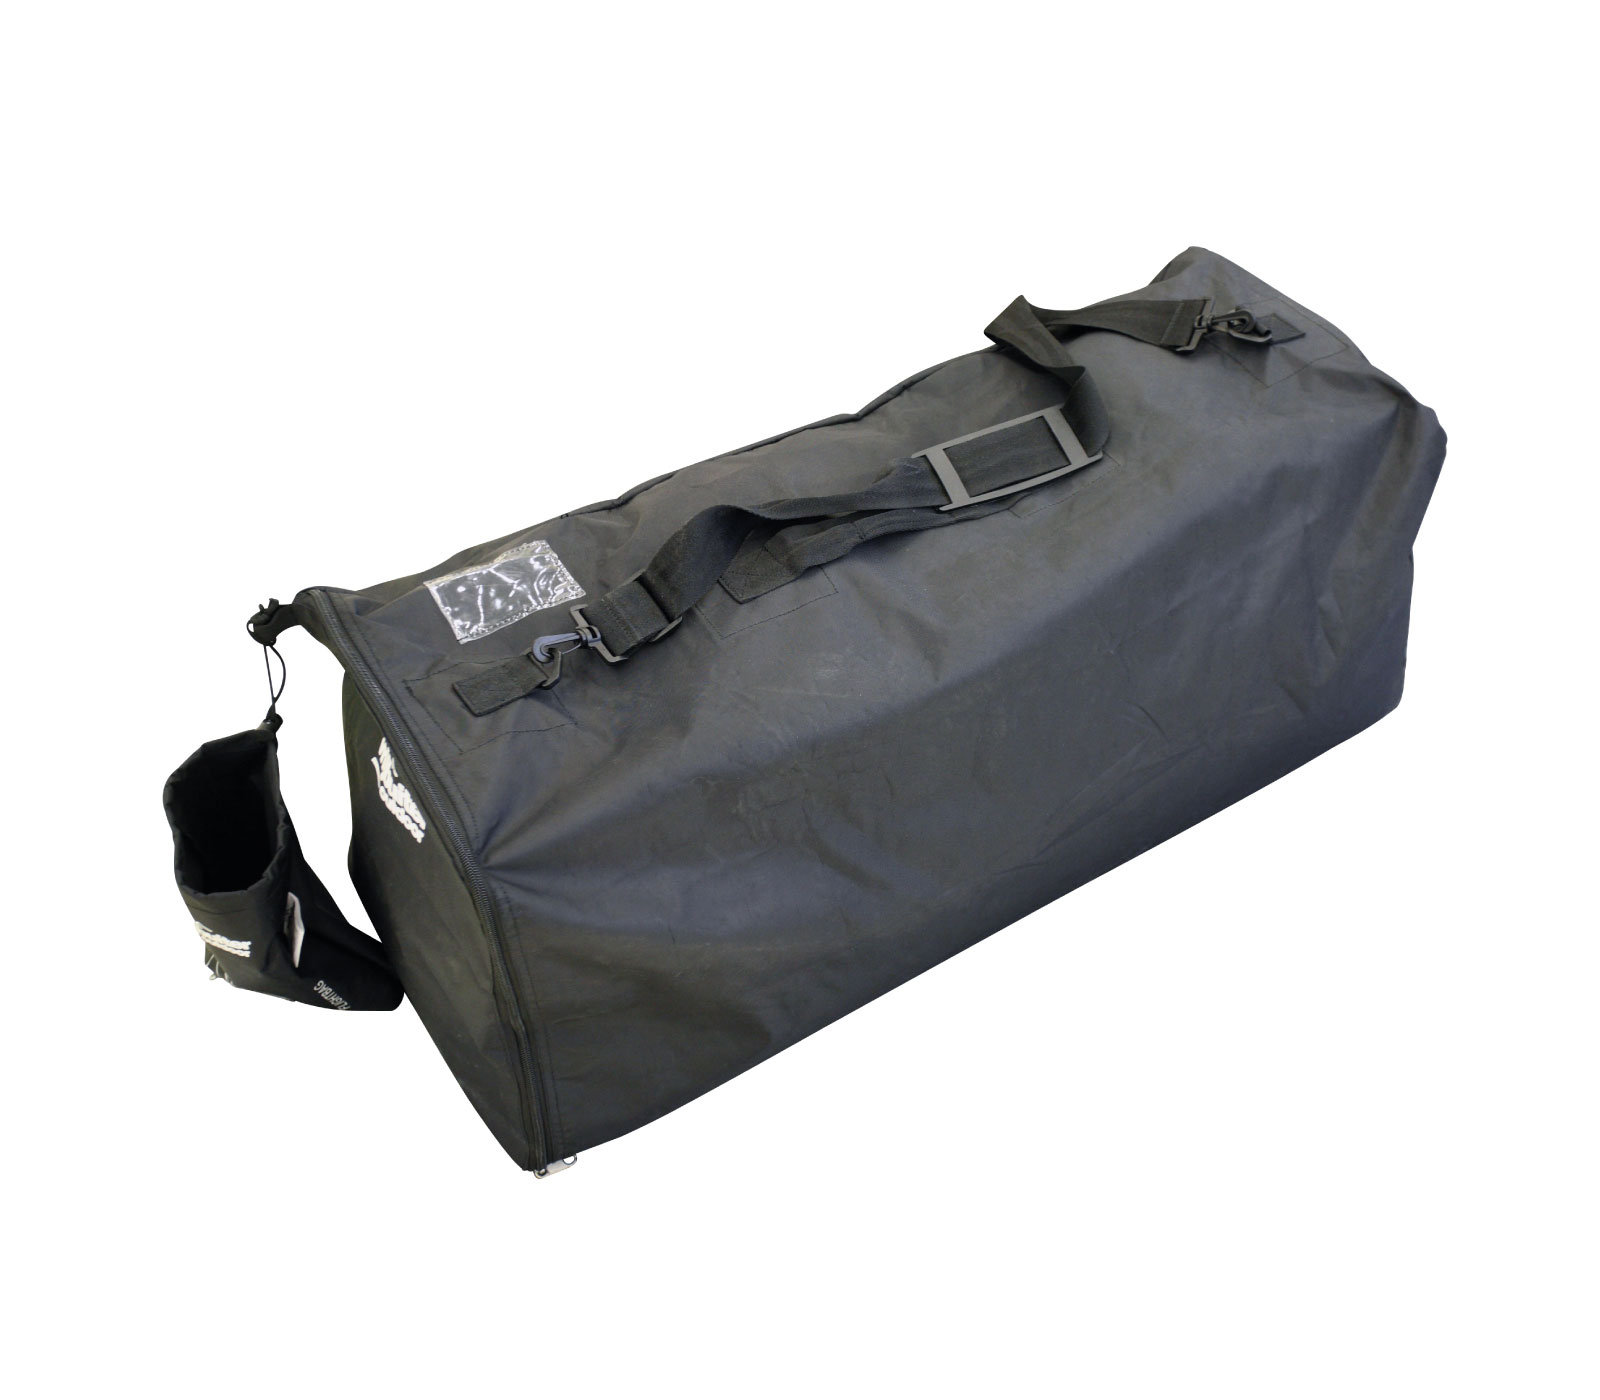 Vrijbuiter Outdoor Flightbag 55-80